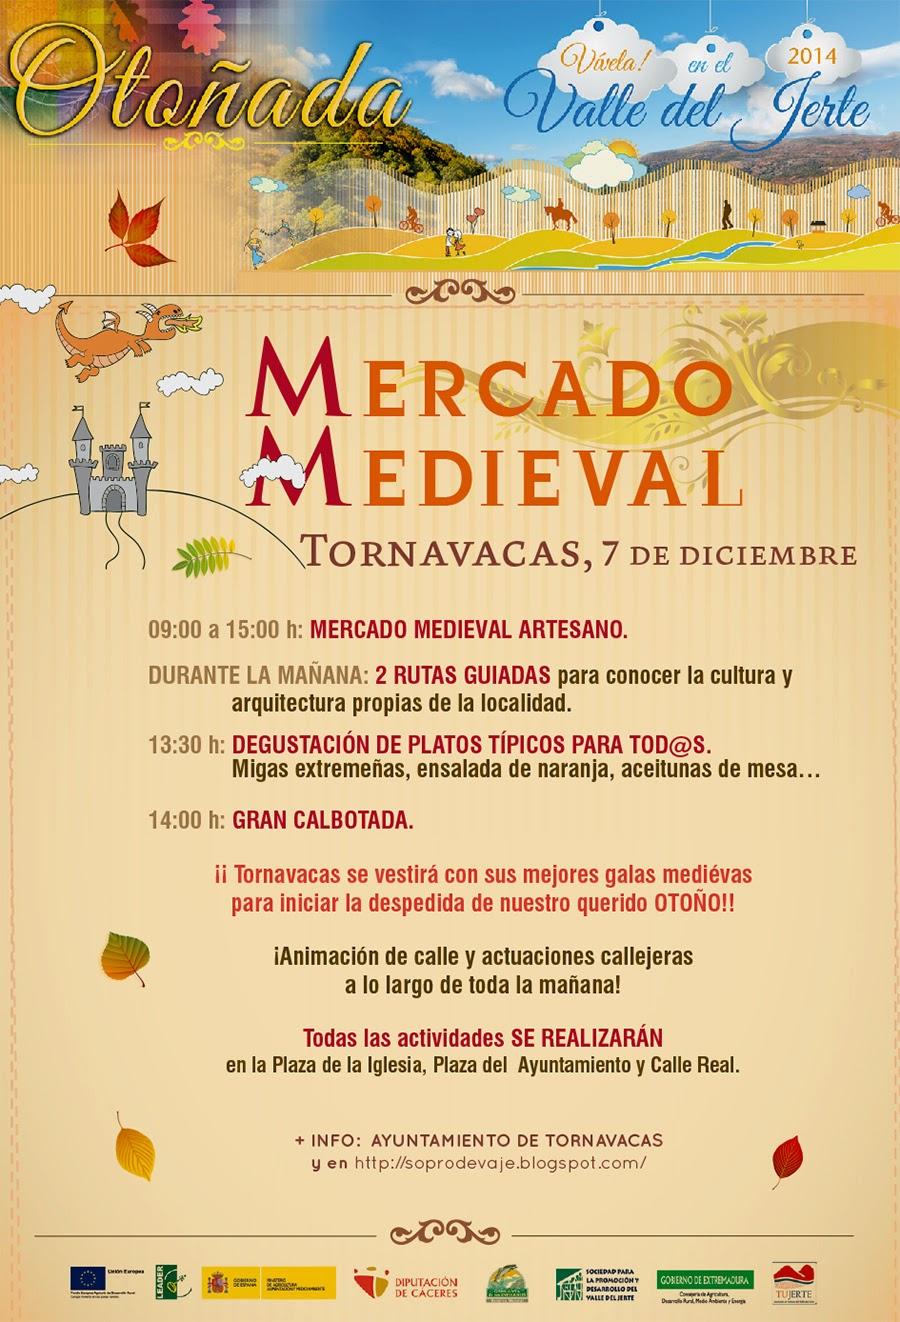 Mercado Medieval (7 de diciembre en Tornavacas)